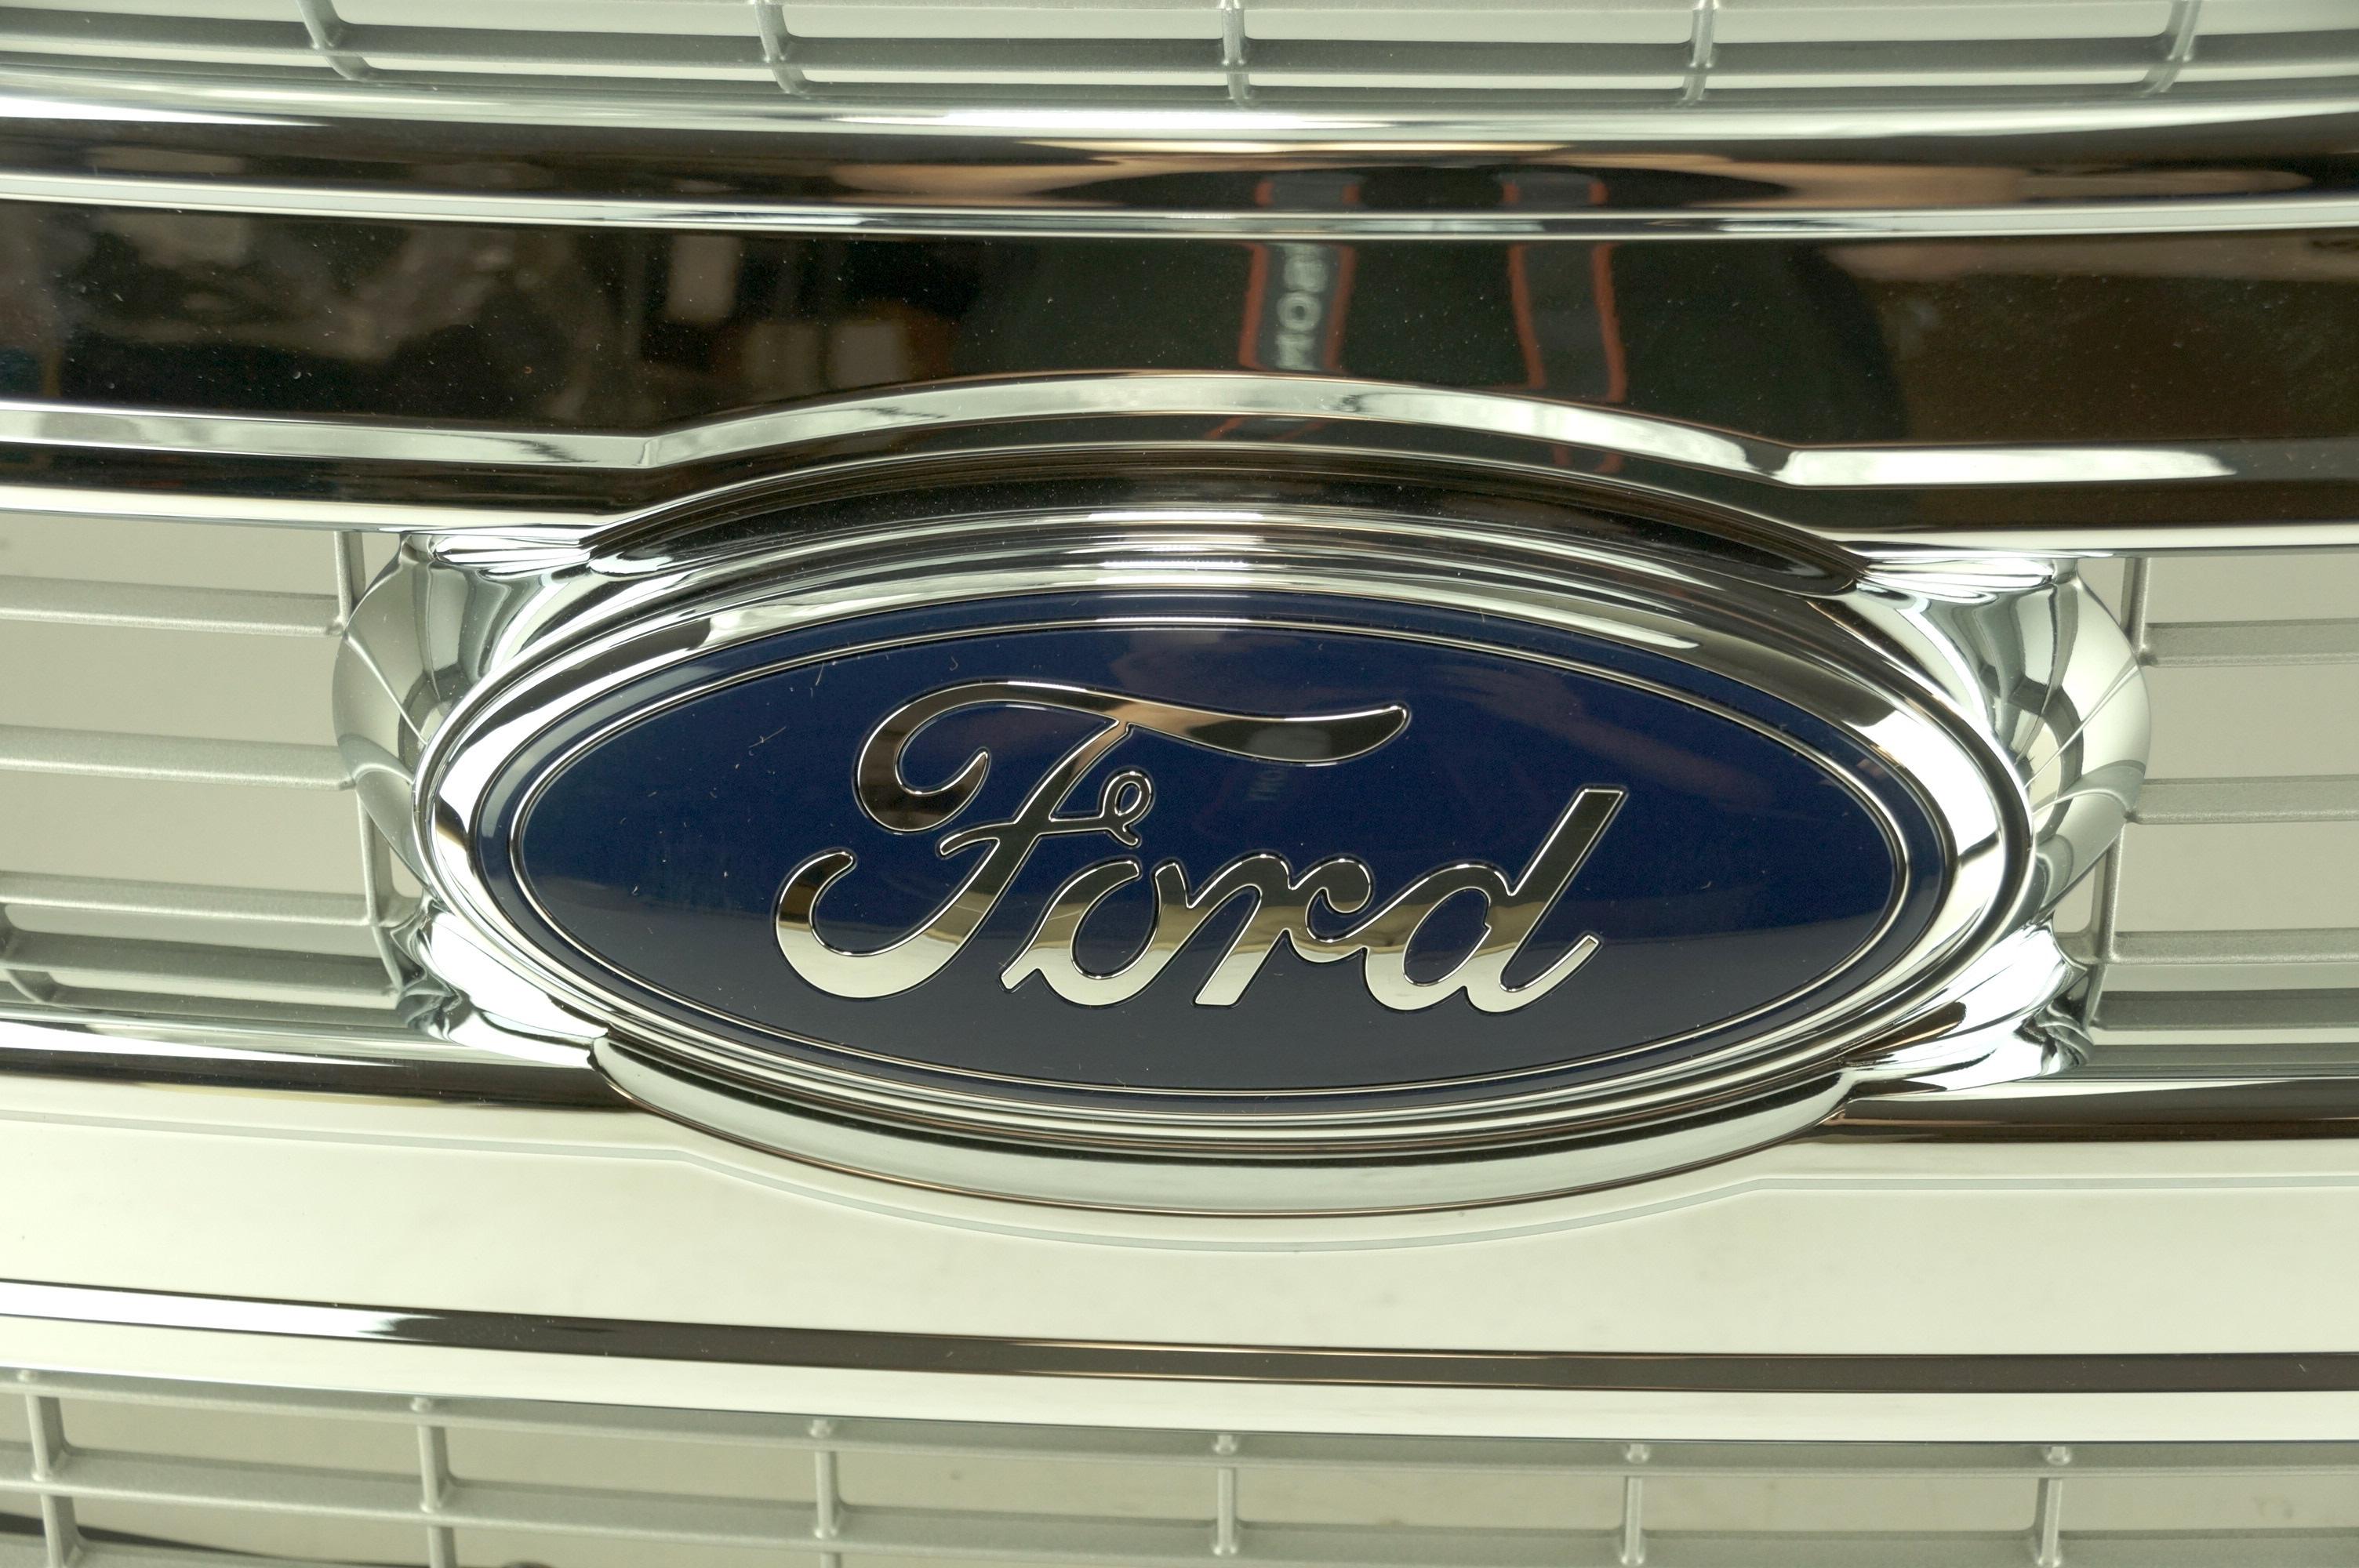 New Genuine OEM DL3Z8200BA Ford Front Grille Assembly w/ Emblem 09-14 F-150 XLT - image 5